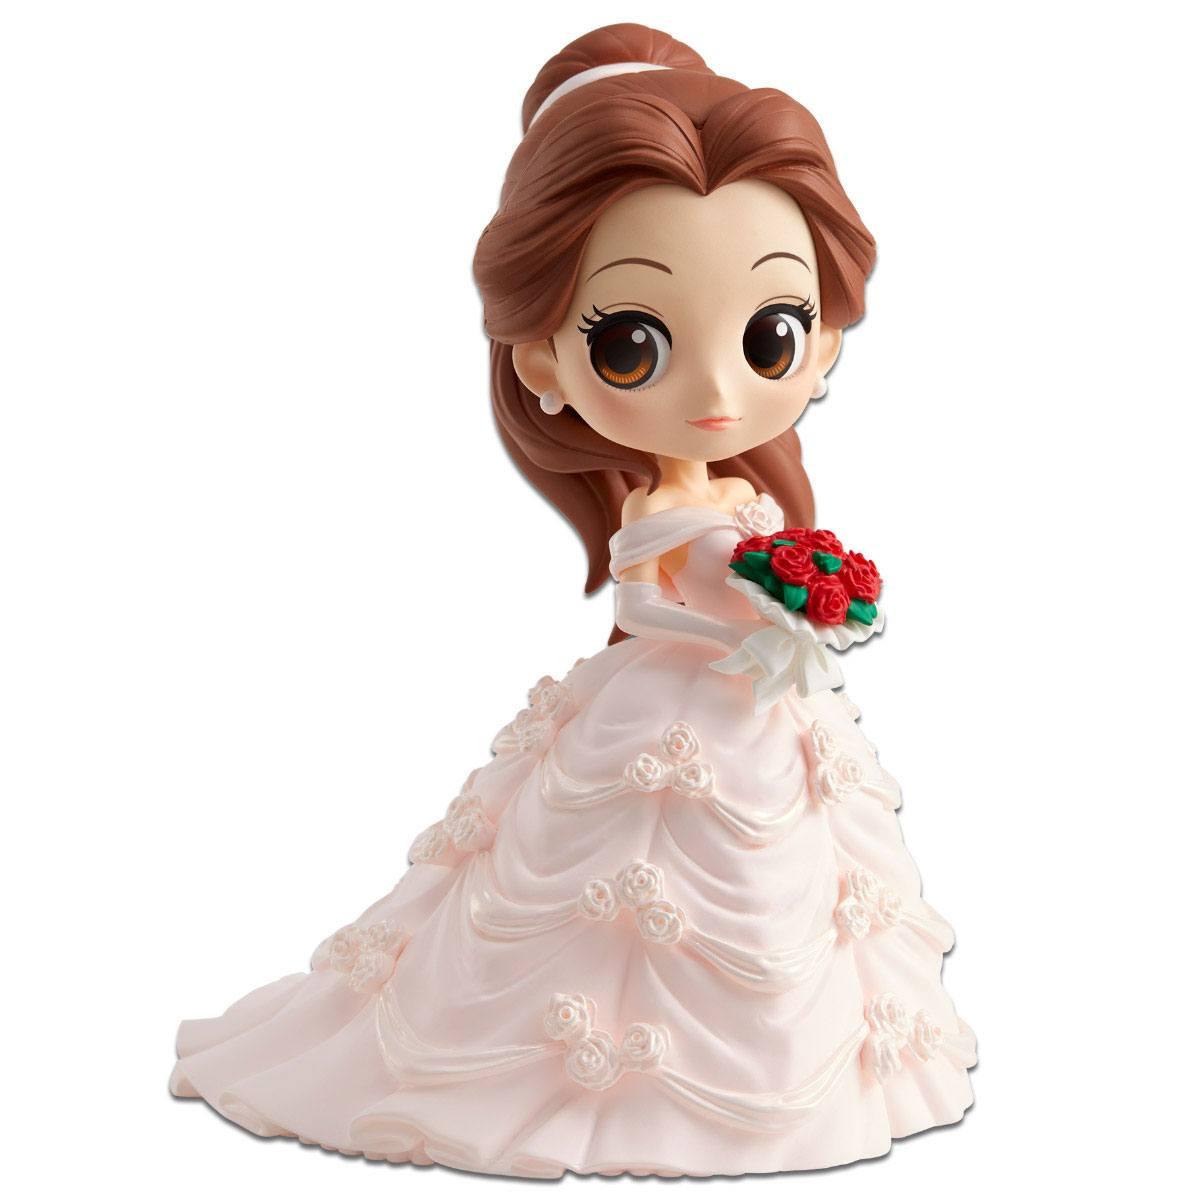 Disney Q Posket Mini Figure Belle Dreamy Style A Normal Color Version 14 cm